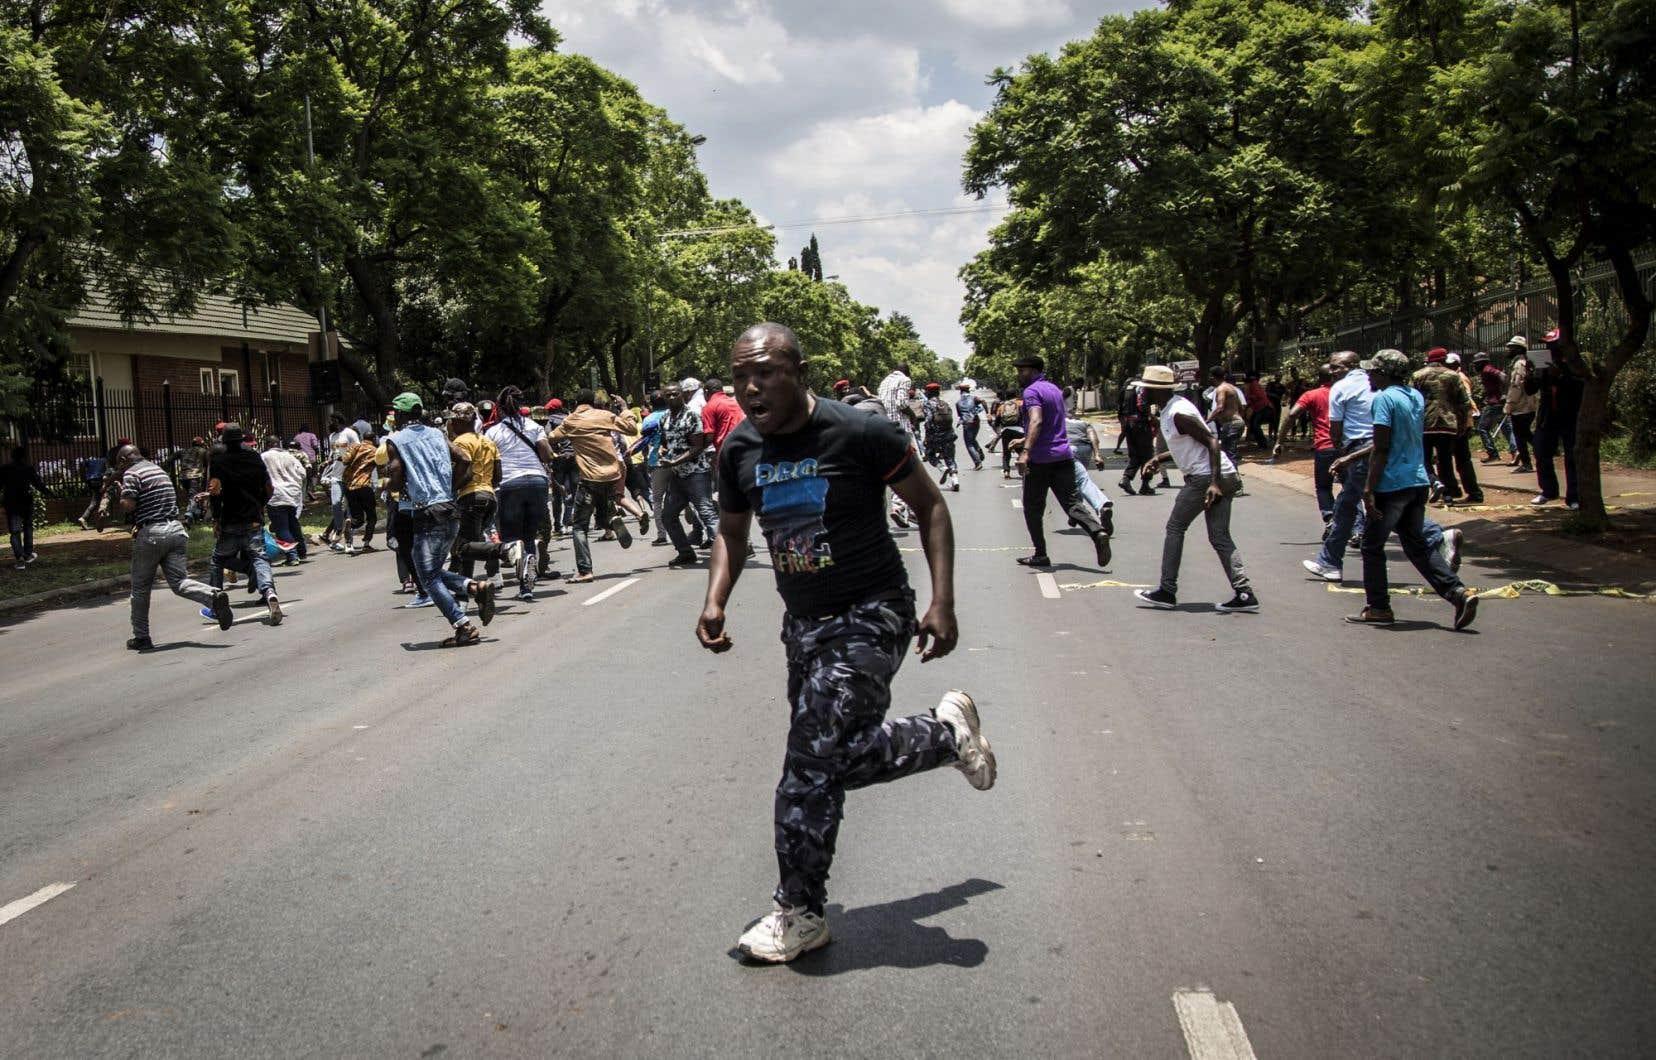 Des manifestants congolais opposés à Joseph Kabila se sont rassemblés devant l'ambassade de la RDC à Pretoria, en Afrique du Sud, mardi, avant d'être dispersés par la police.